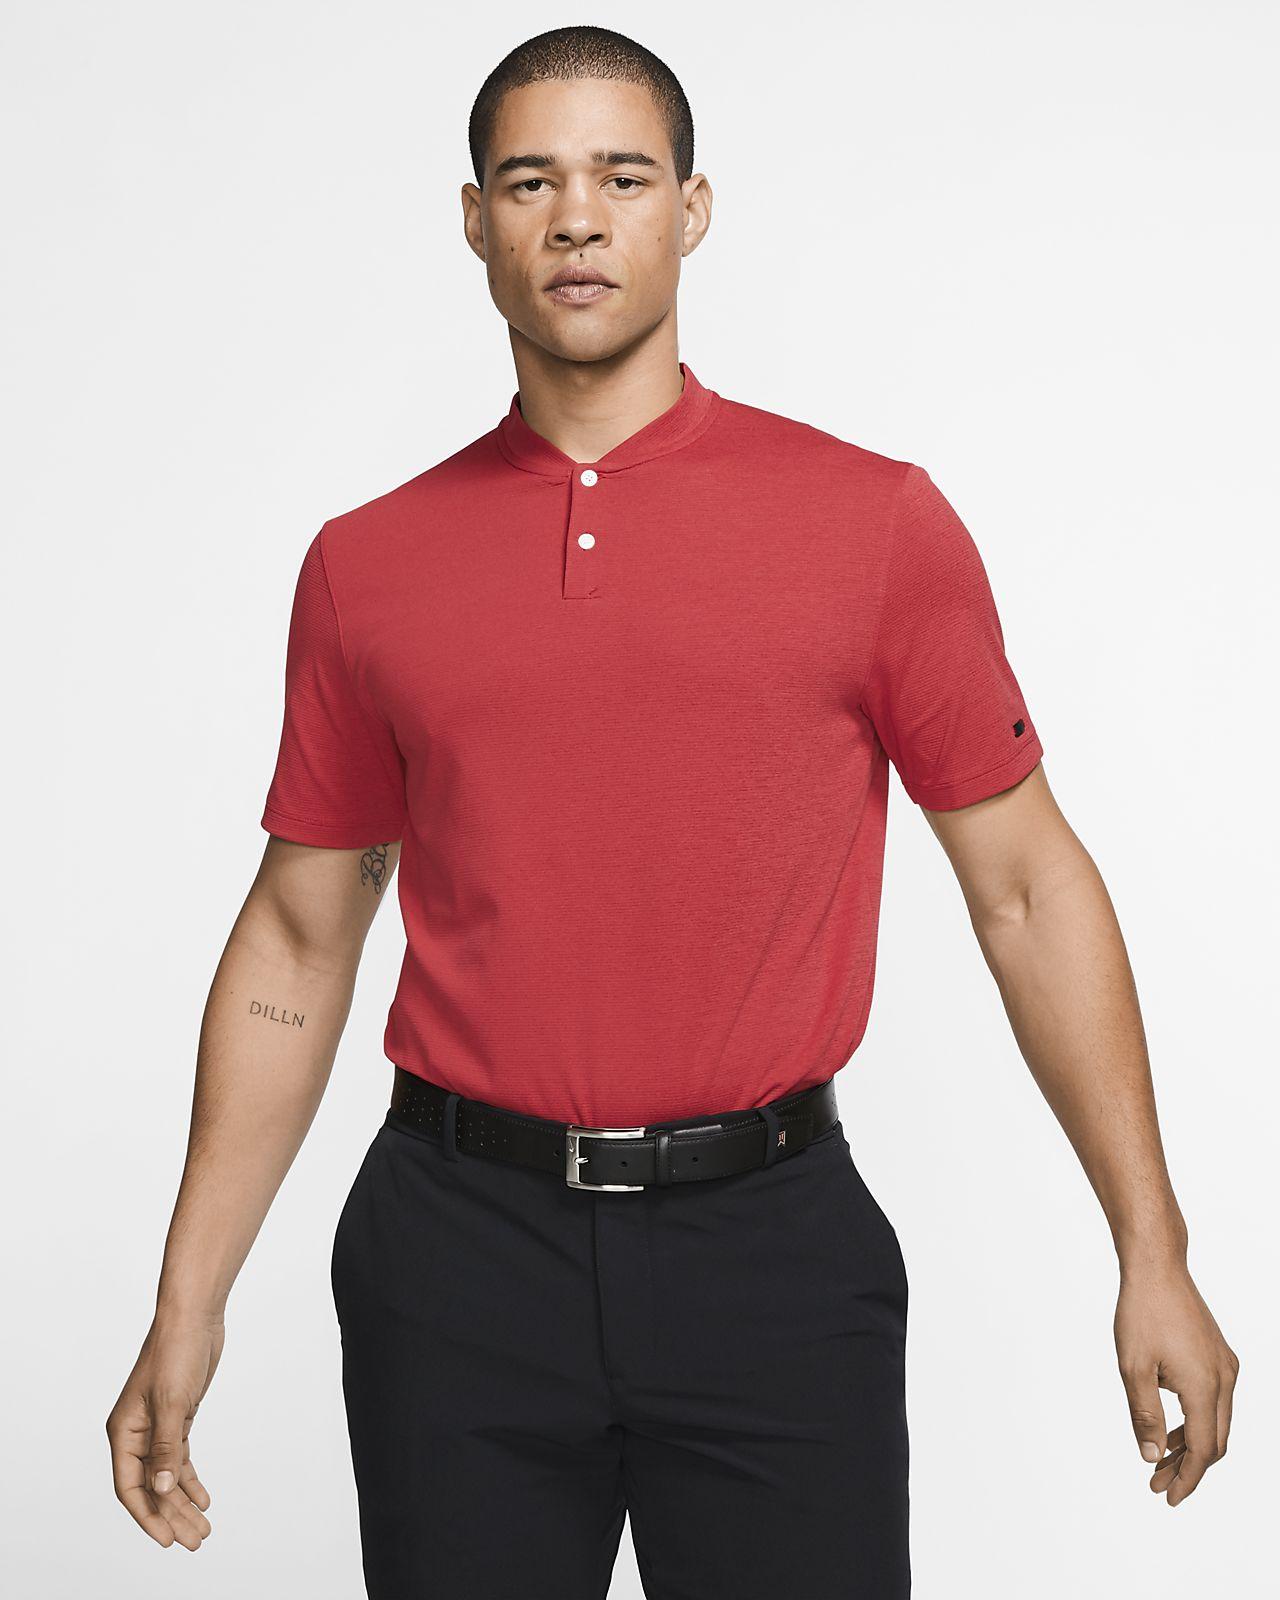 e704b6e3 Nike AeroReact Tiger Woods Vapor Men's Golf Polo. Nike.com CH